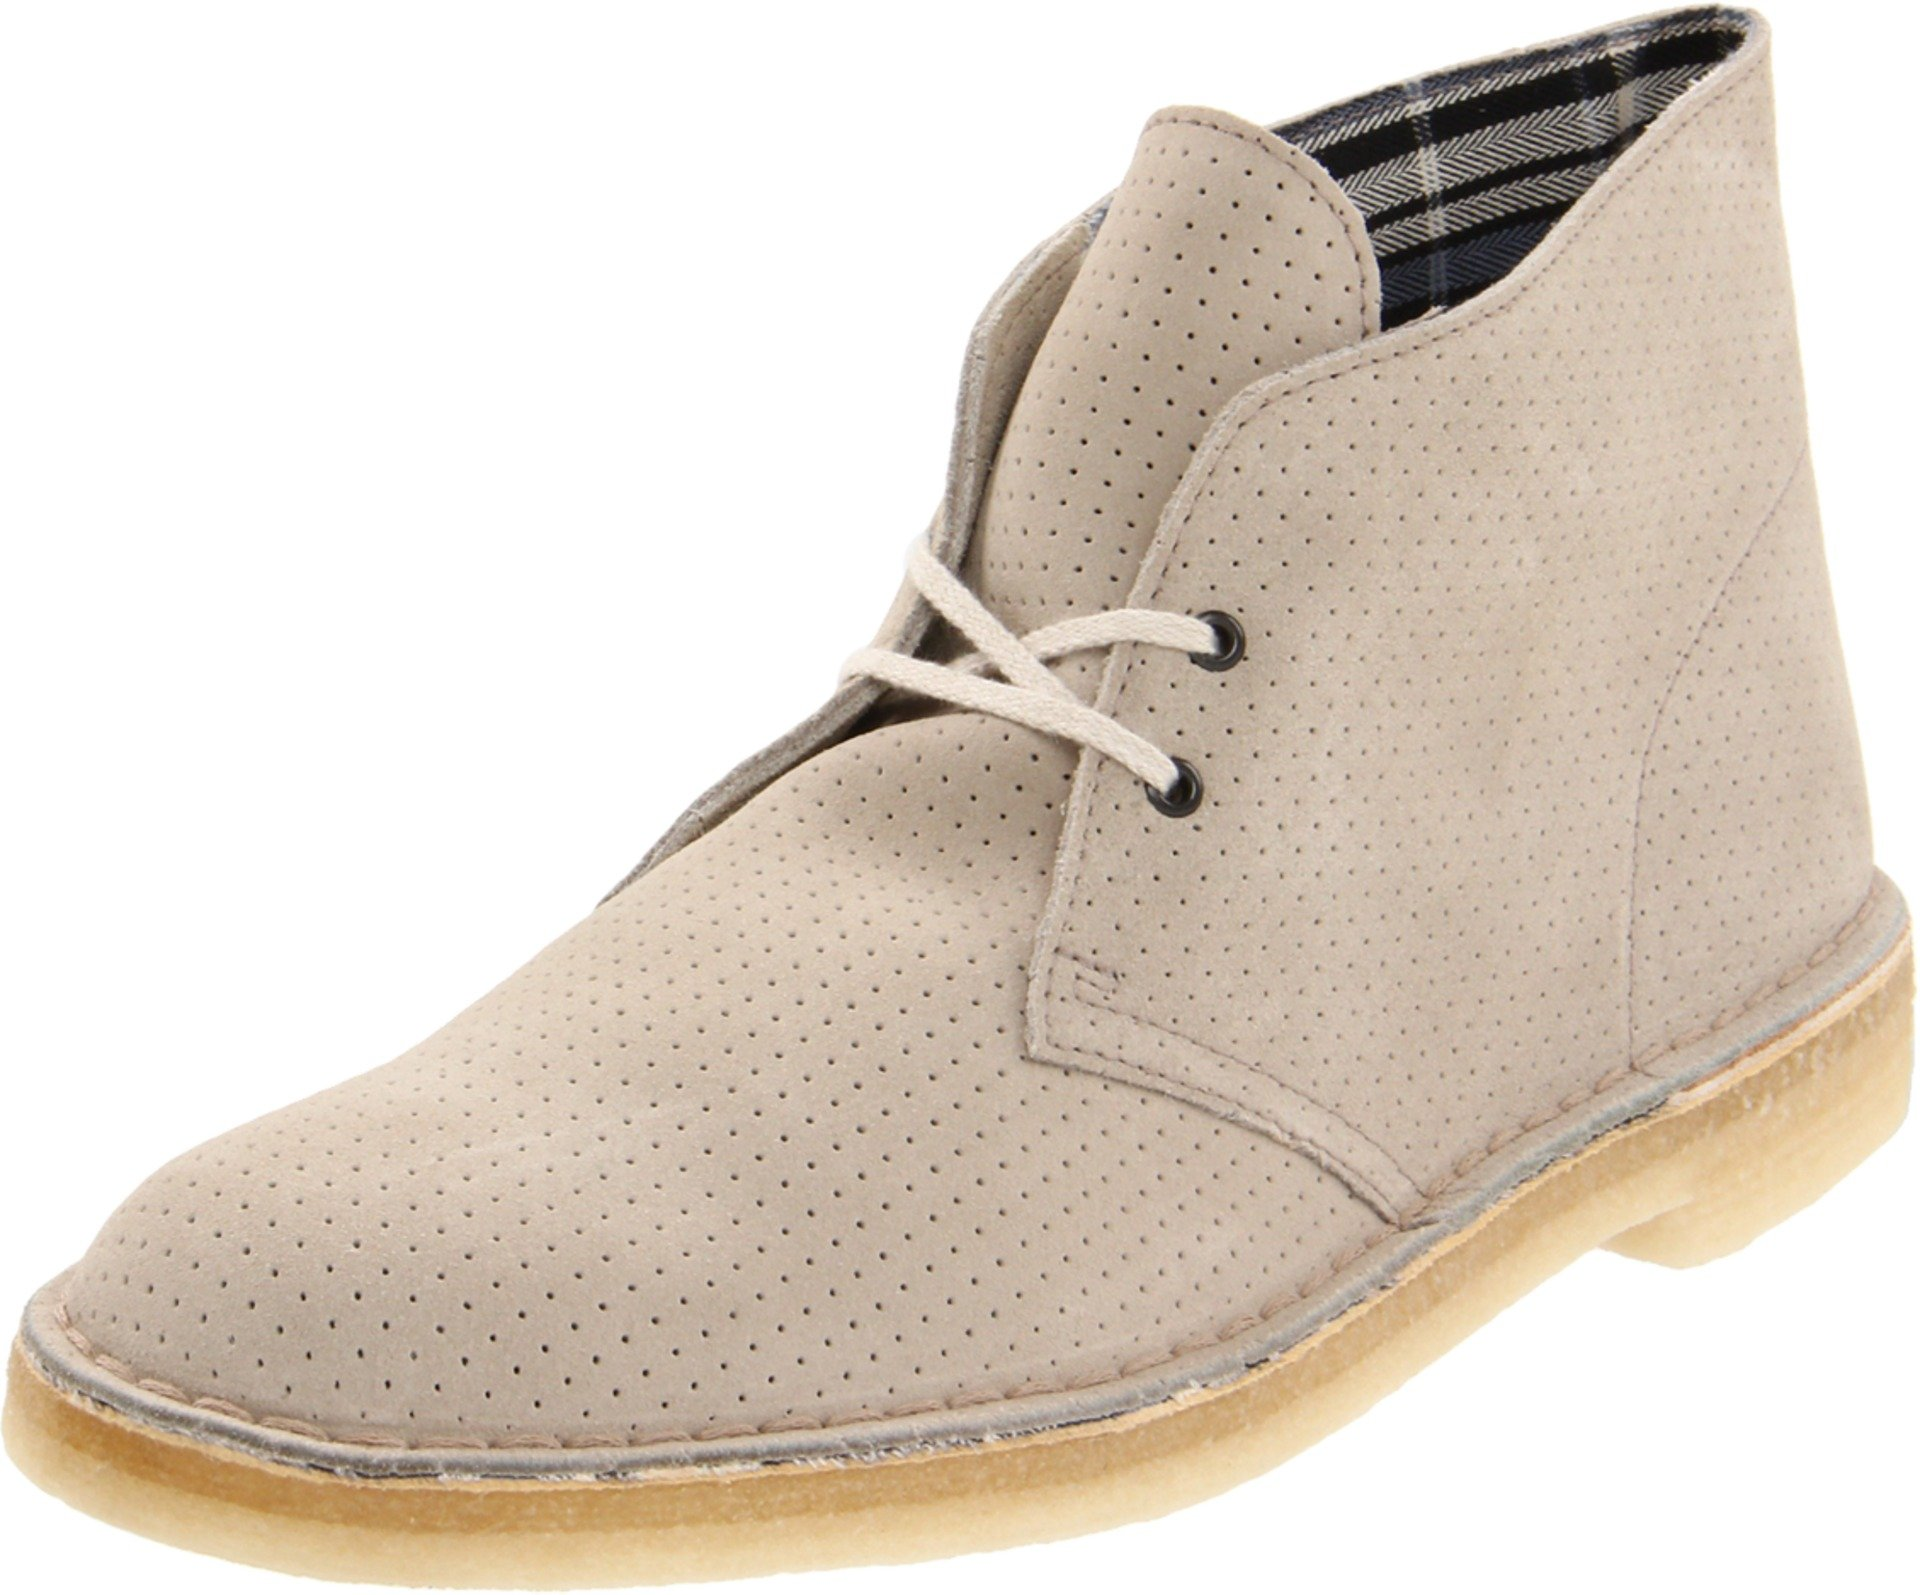 8 Boot Clarks Khaki Leather Men's Desert 3qjAc5RLS4